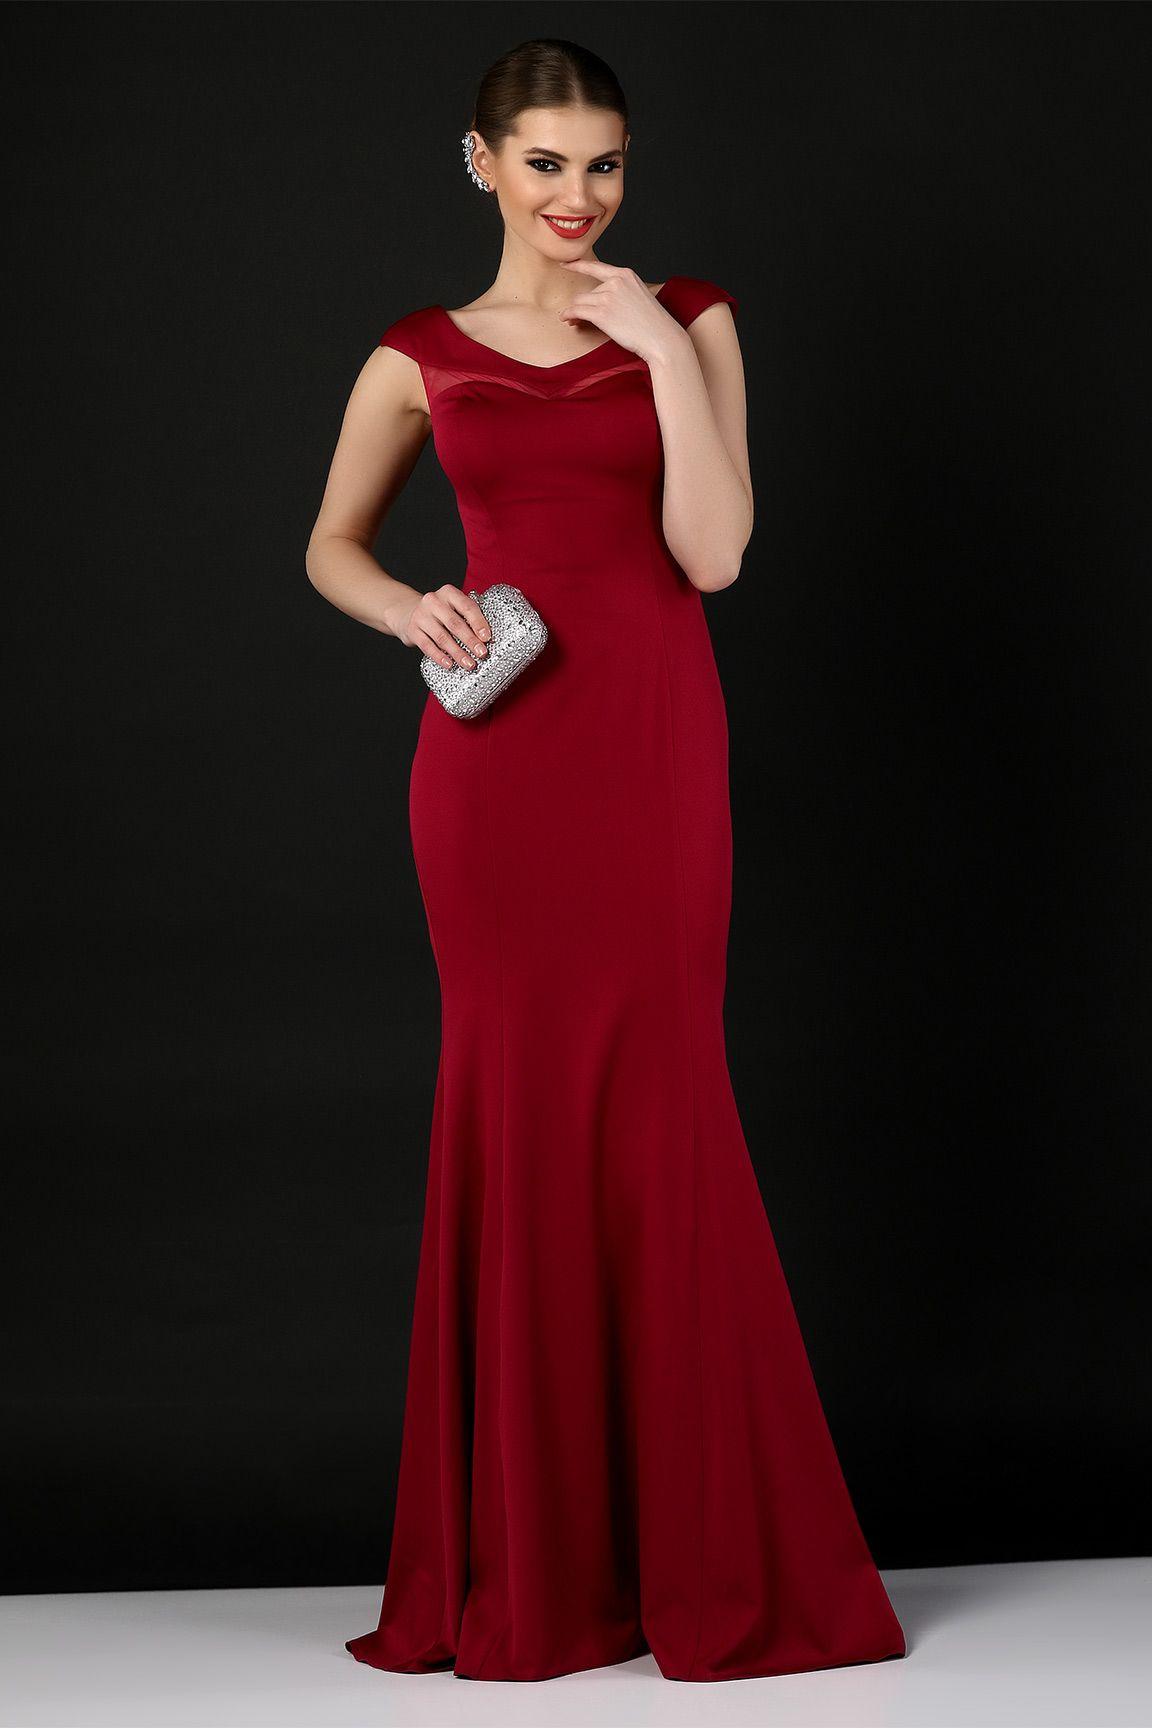 192138cec3ca2 Kırmızı Balık Etek Elbise #abiye #elbise #modelleri #kırmızı ...